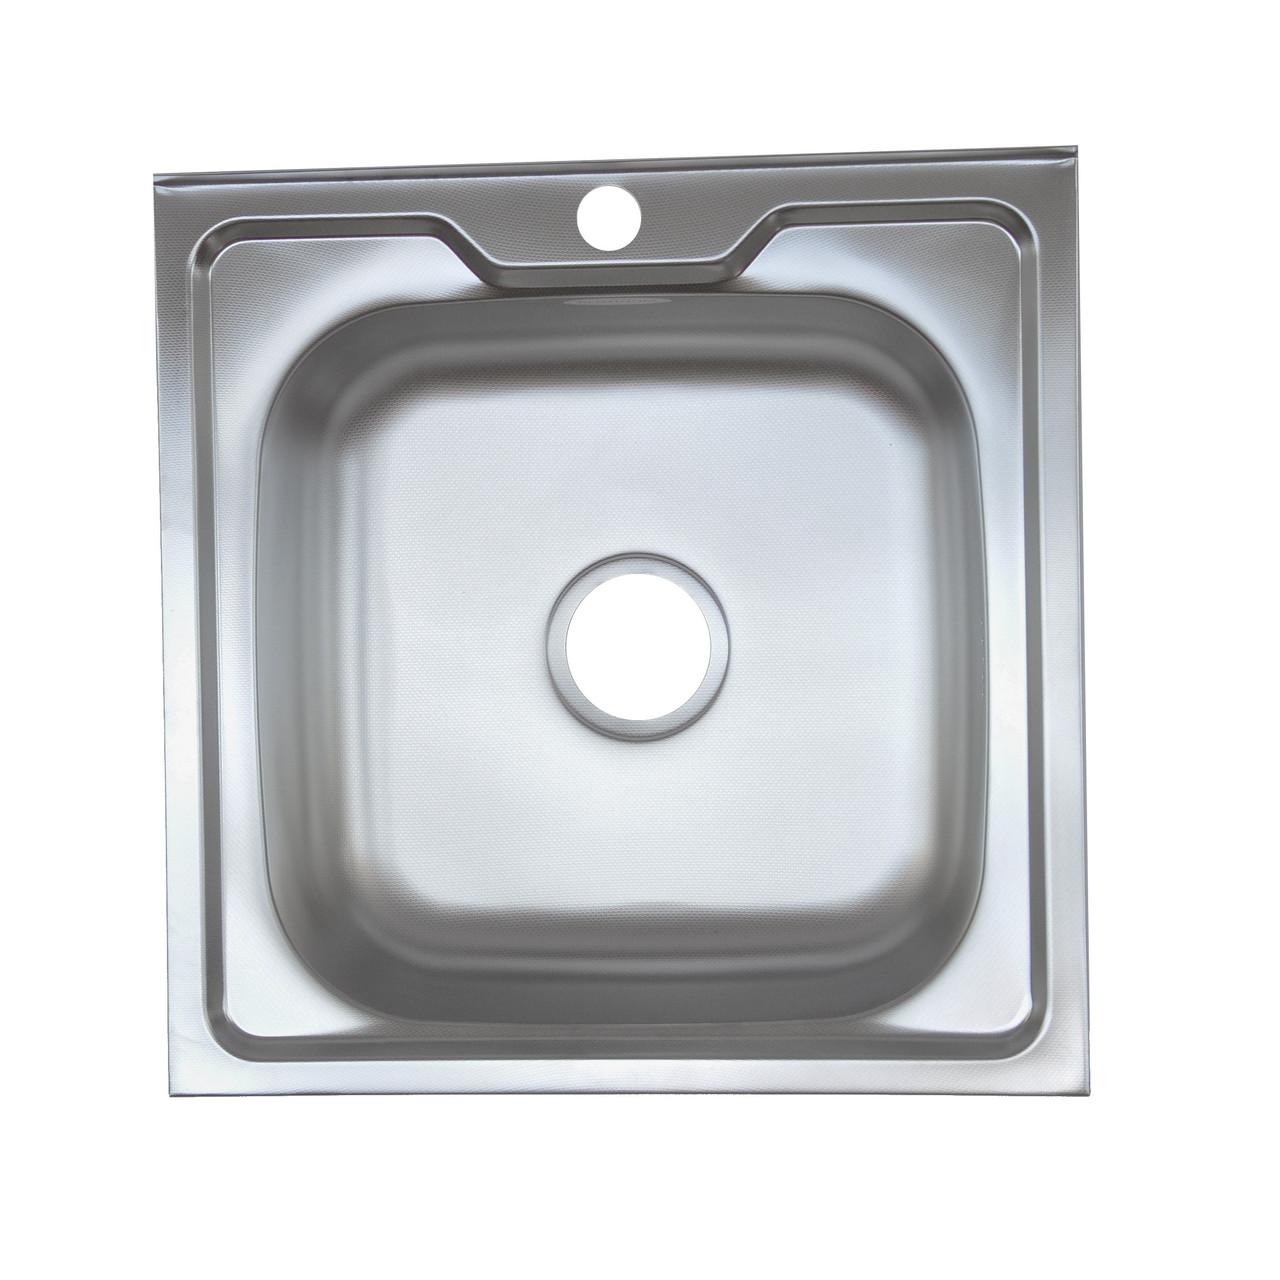 Стальная накладная мойка Platinum 5050 Satin 0,6мм